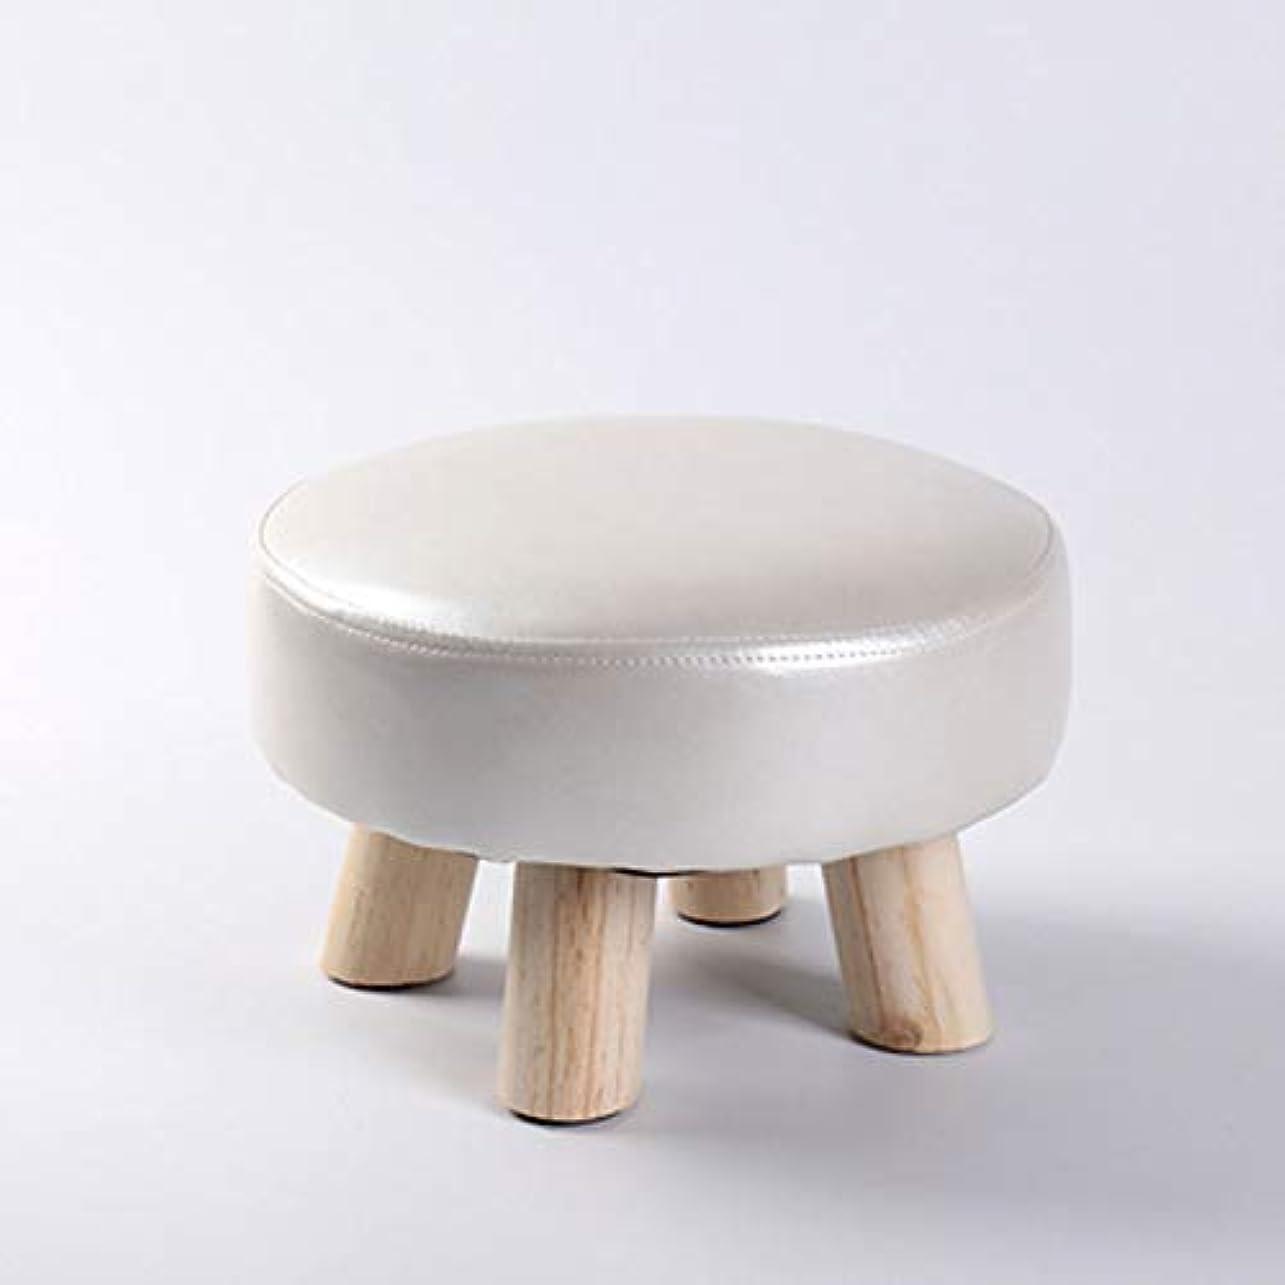 永遠のポーク障害Xwyun 子供用スツール 椅子 大人用ベンチ ソリッドウッドスツール シューズスツール 踏み台 高畳ペダル 近代家庭用コーヒーテーブルスツール(29 * 20CM) (B)